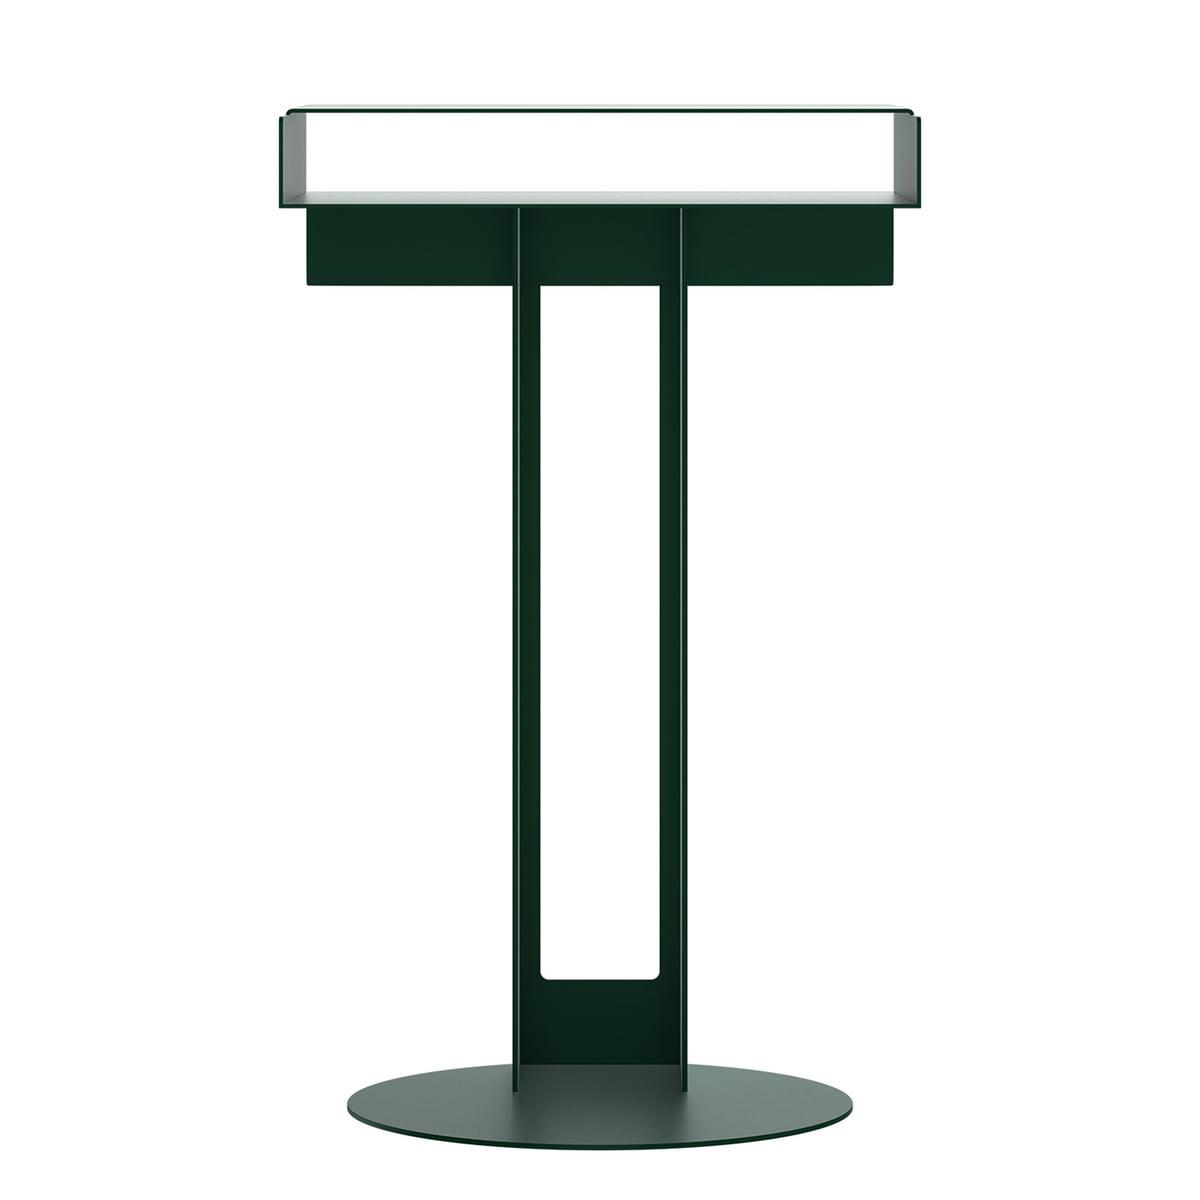 New Tendency - Meta Beistelltisch, dunkelgrün | Wohnzimmer > Tische > Beistelltische | Dunkelgrün | New Tendency